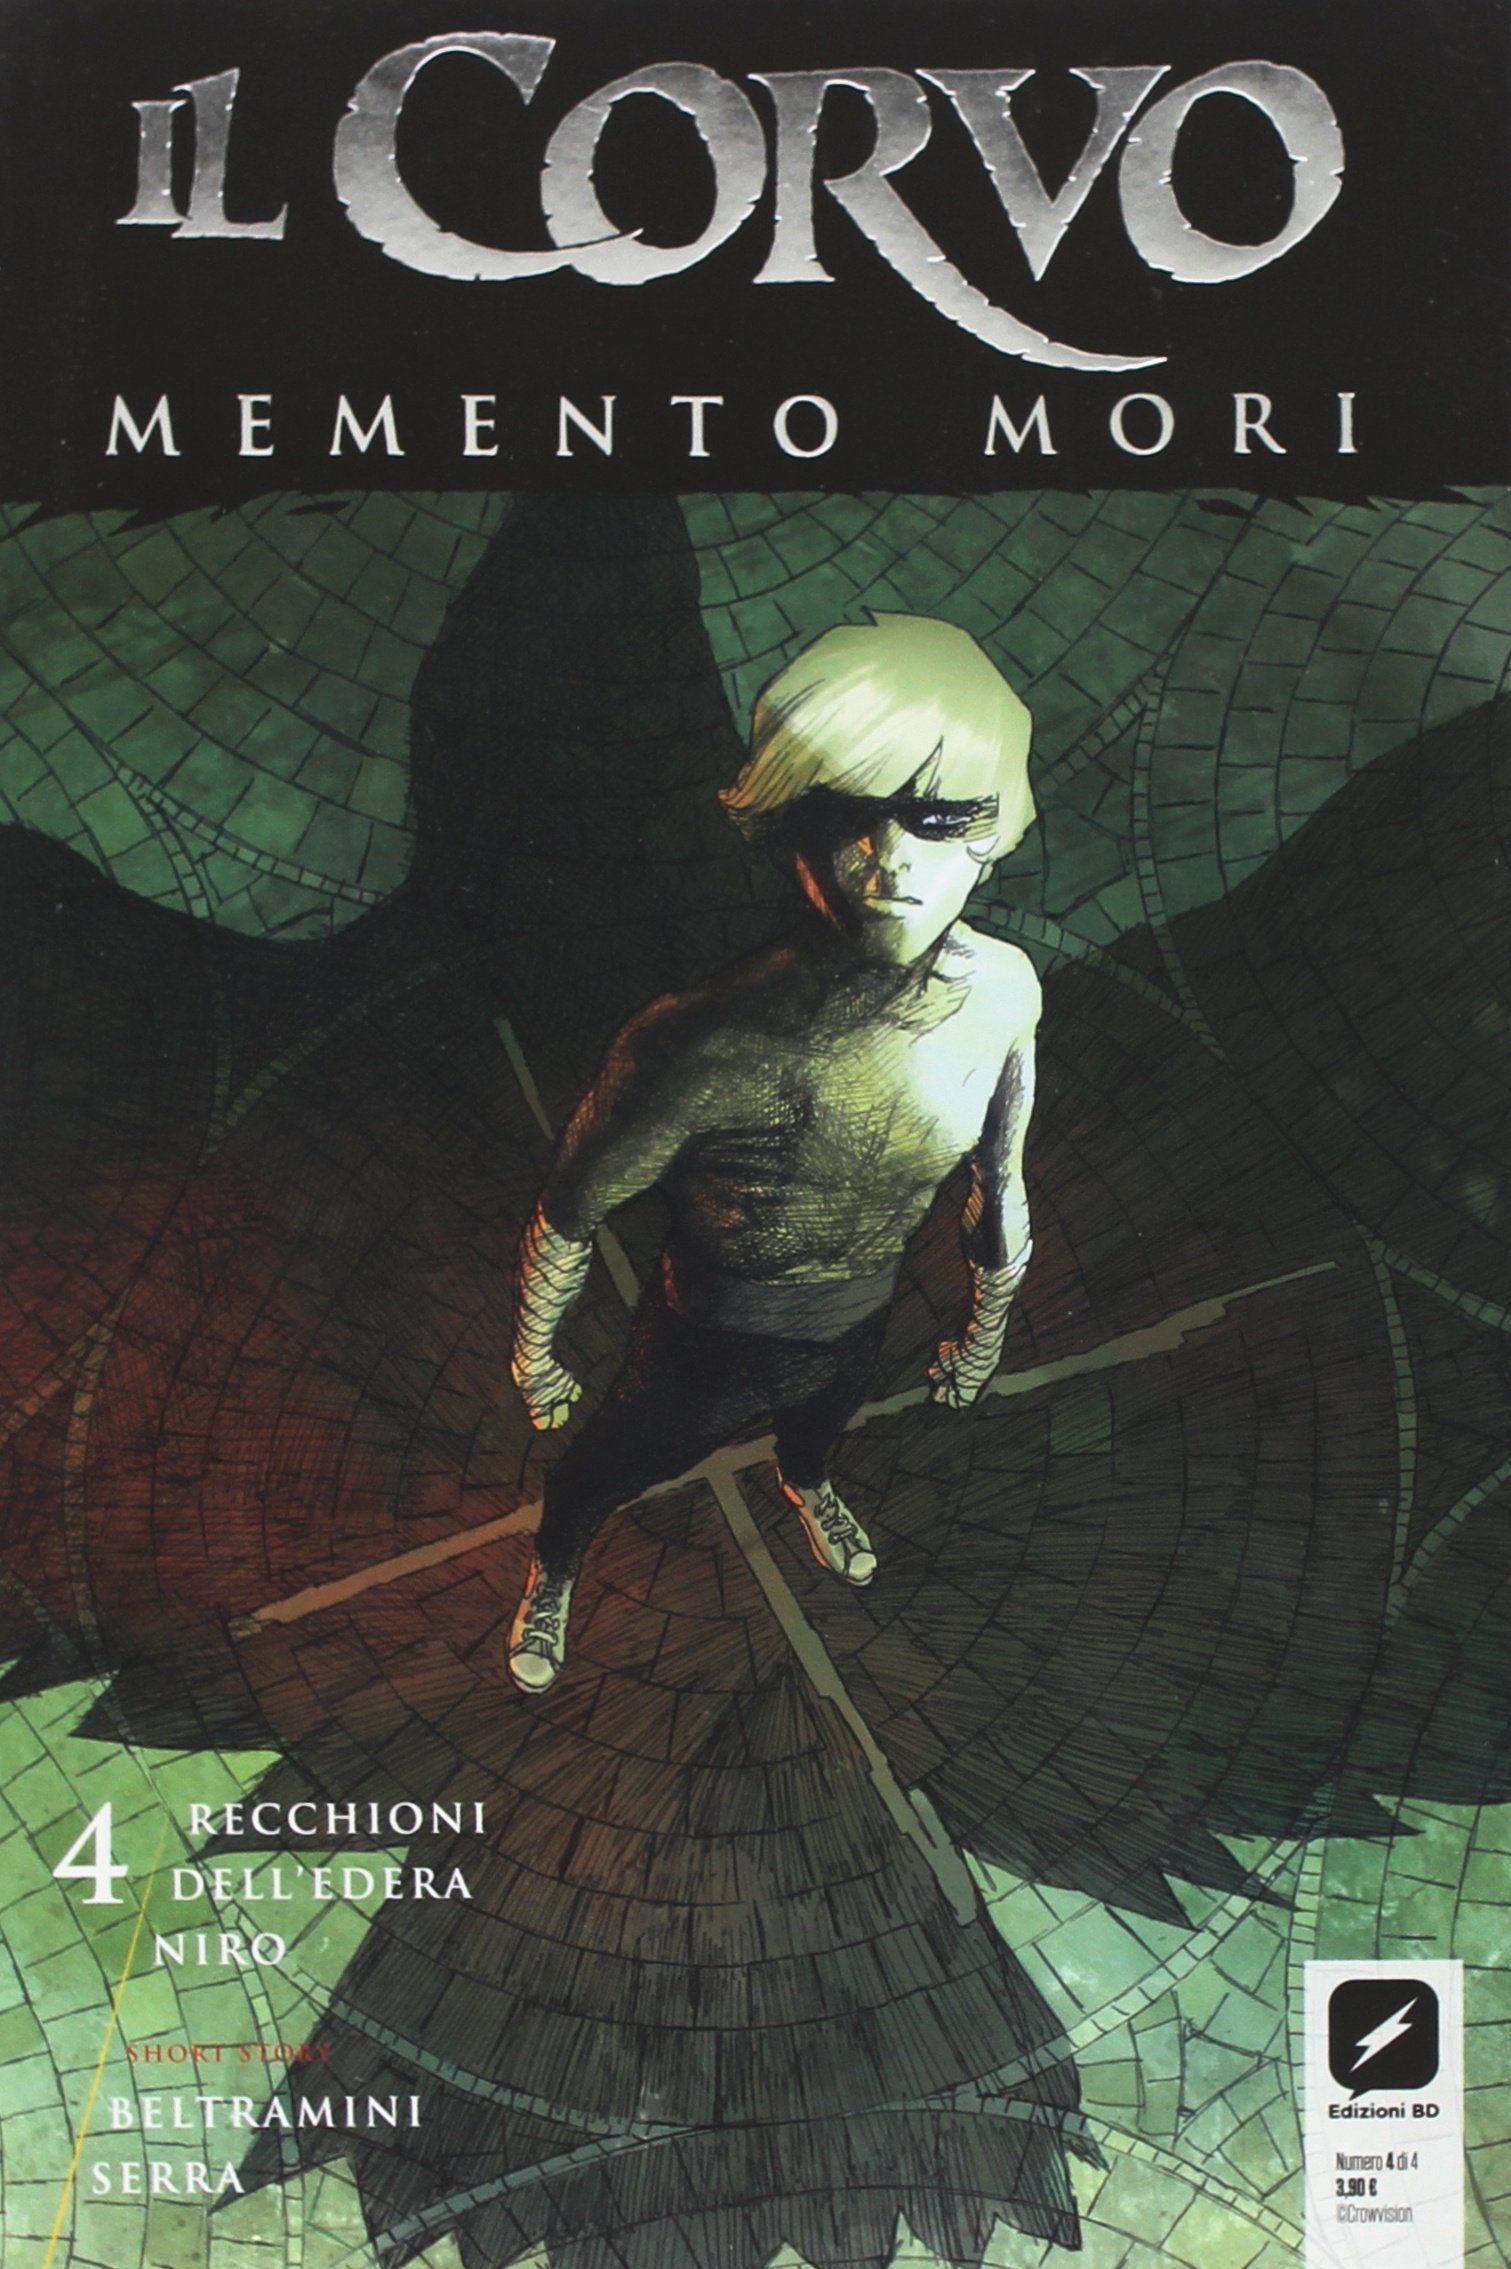 Risultati immagini per il corvo memento mori 4 Memento